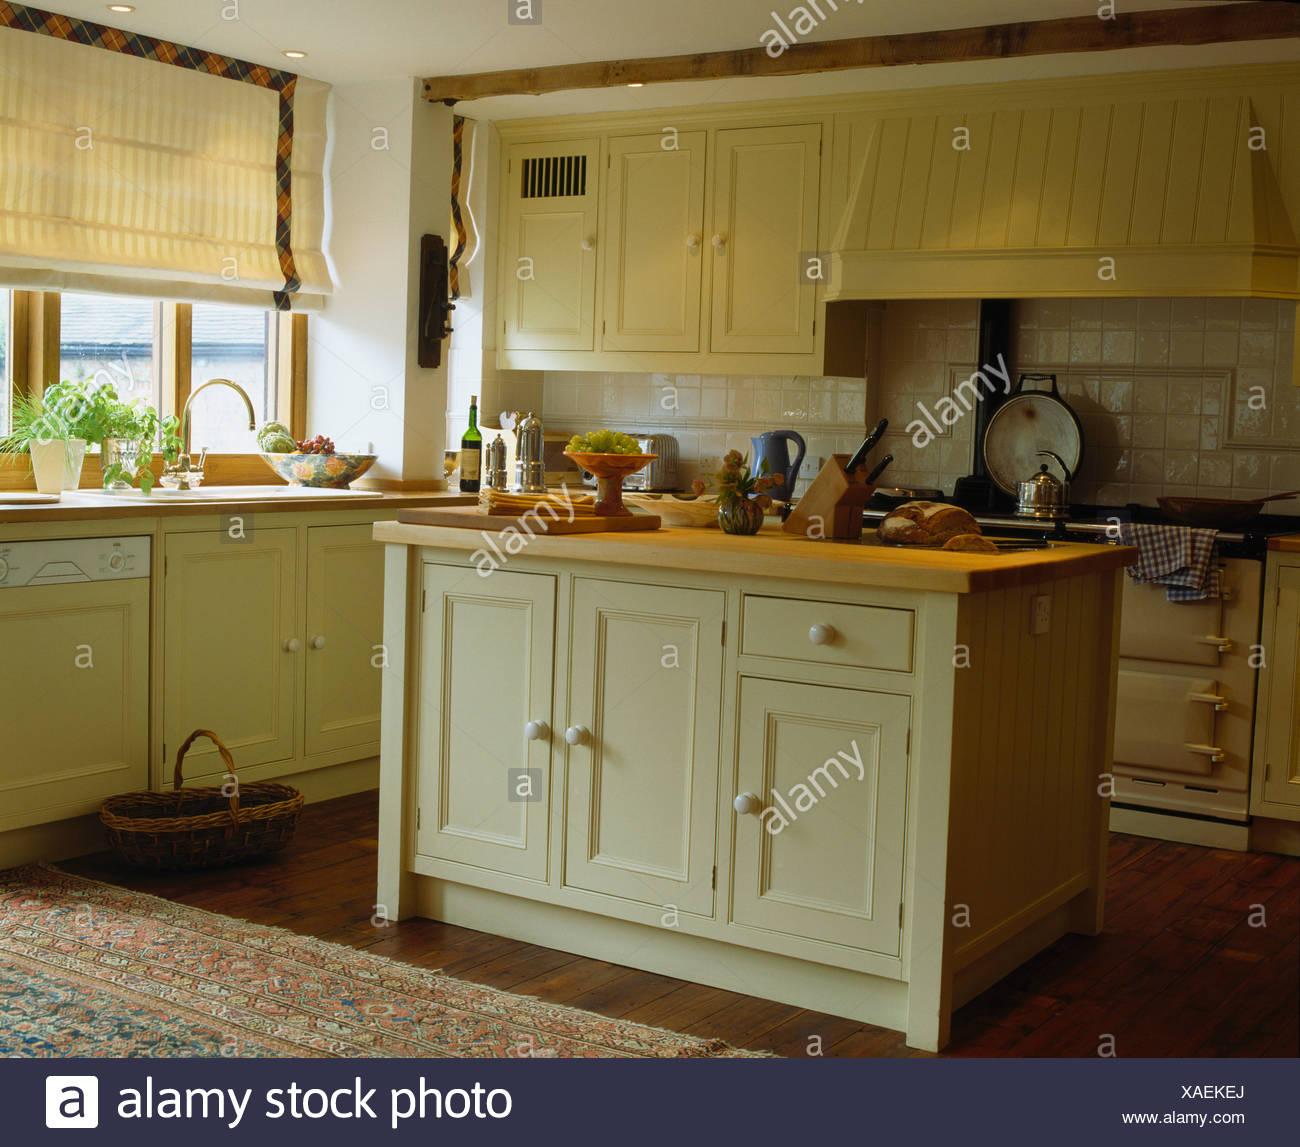 Creme Insel Einheit Mit Holz Arbeitsplatte In Moderne Landhausküche Mit  Creme Gestreiften Rollo Am Fenster